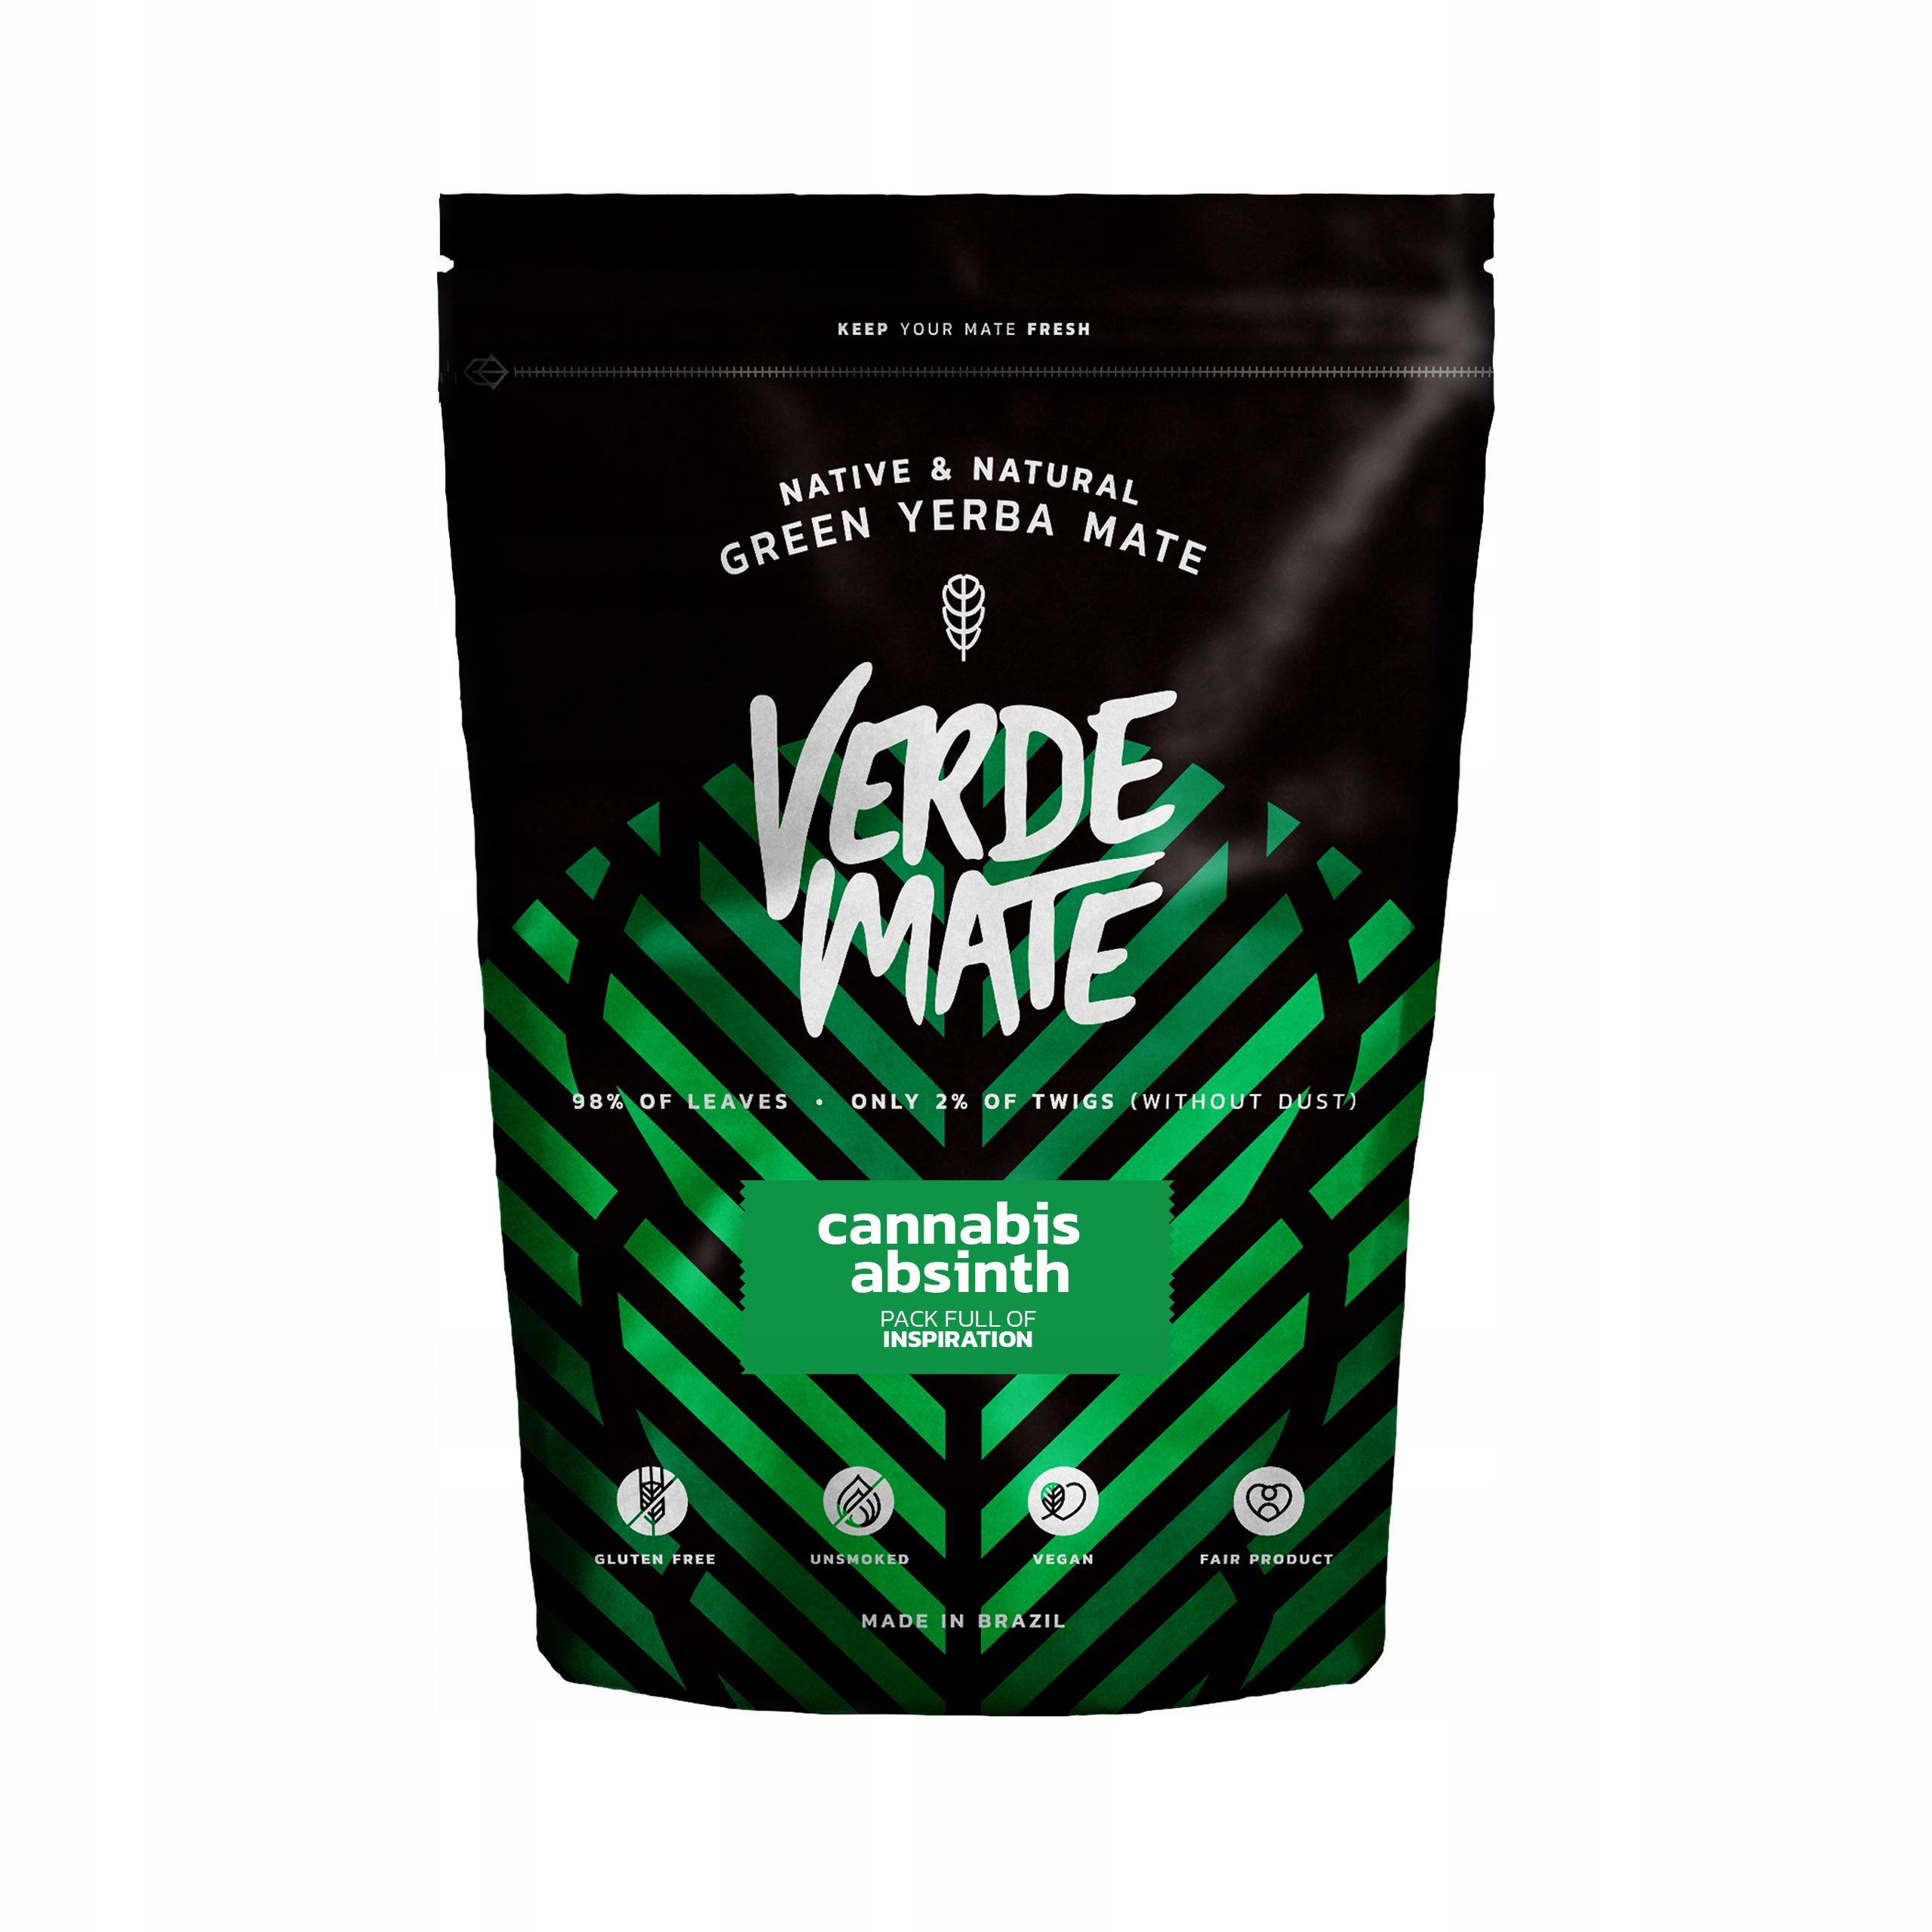 Yerba Verde Mate Green Cannabis Absinth 0,5kg 500g